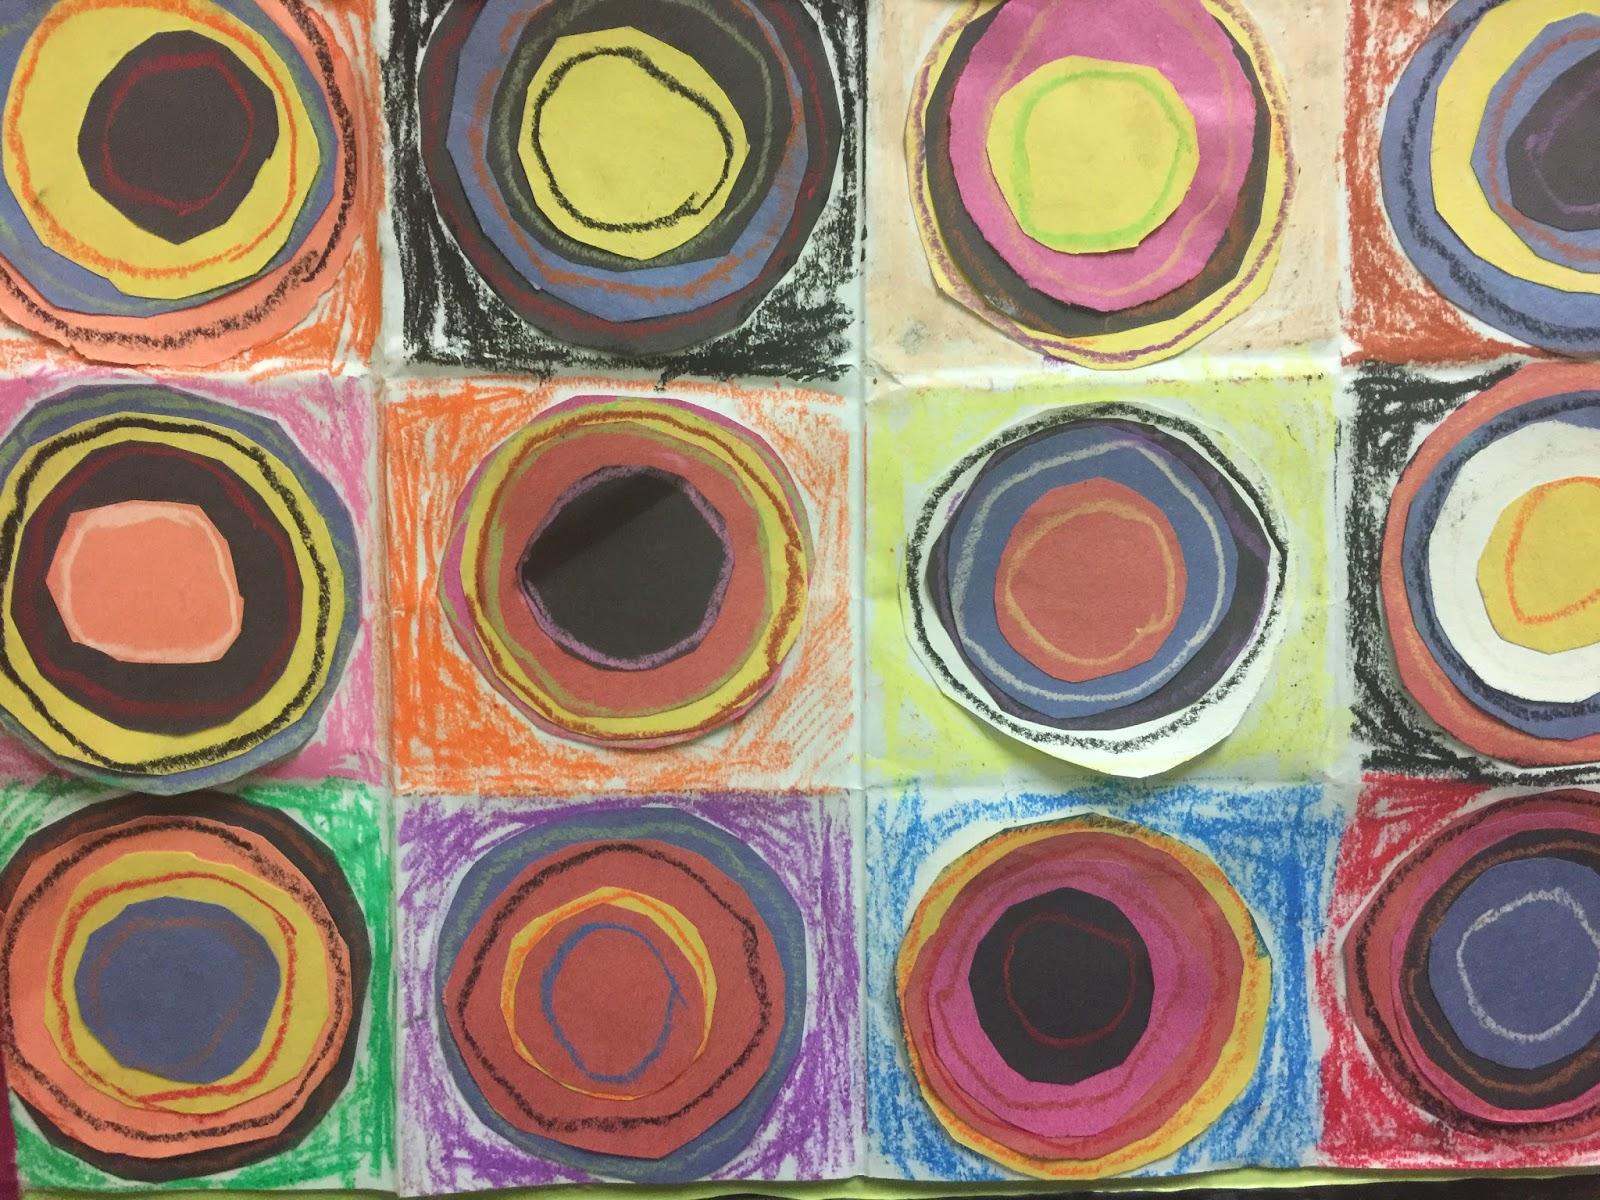 Teach Place Value With Kandinsky